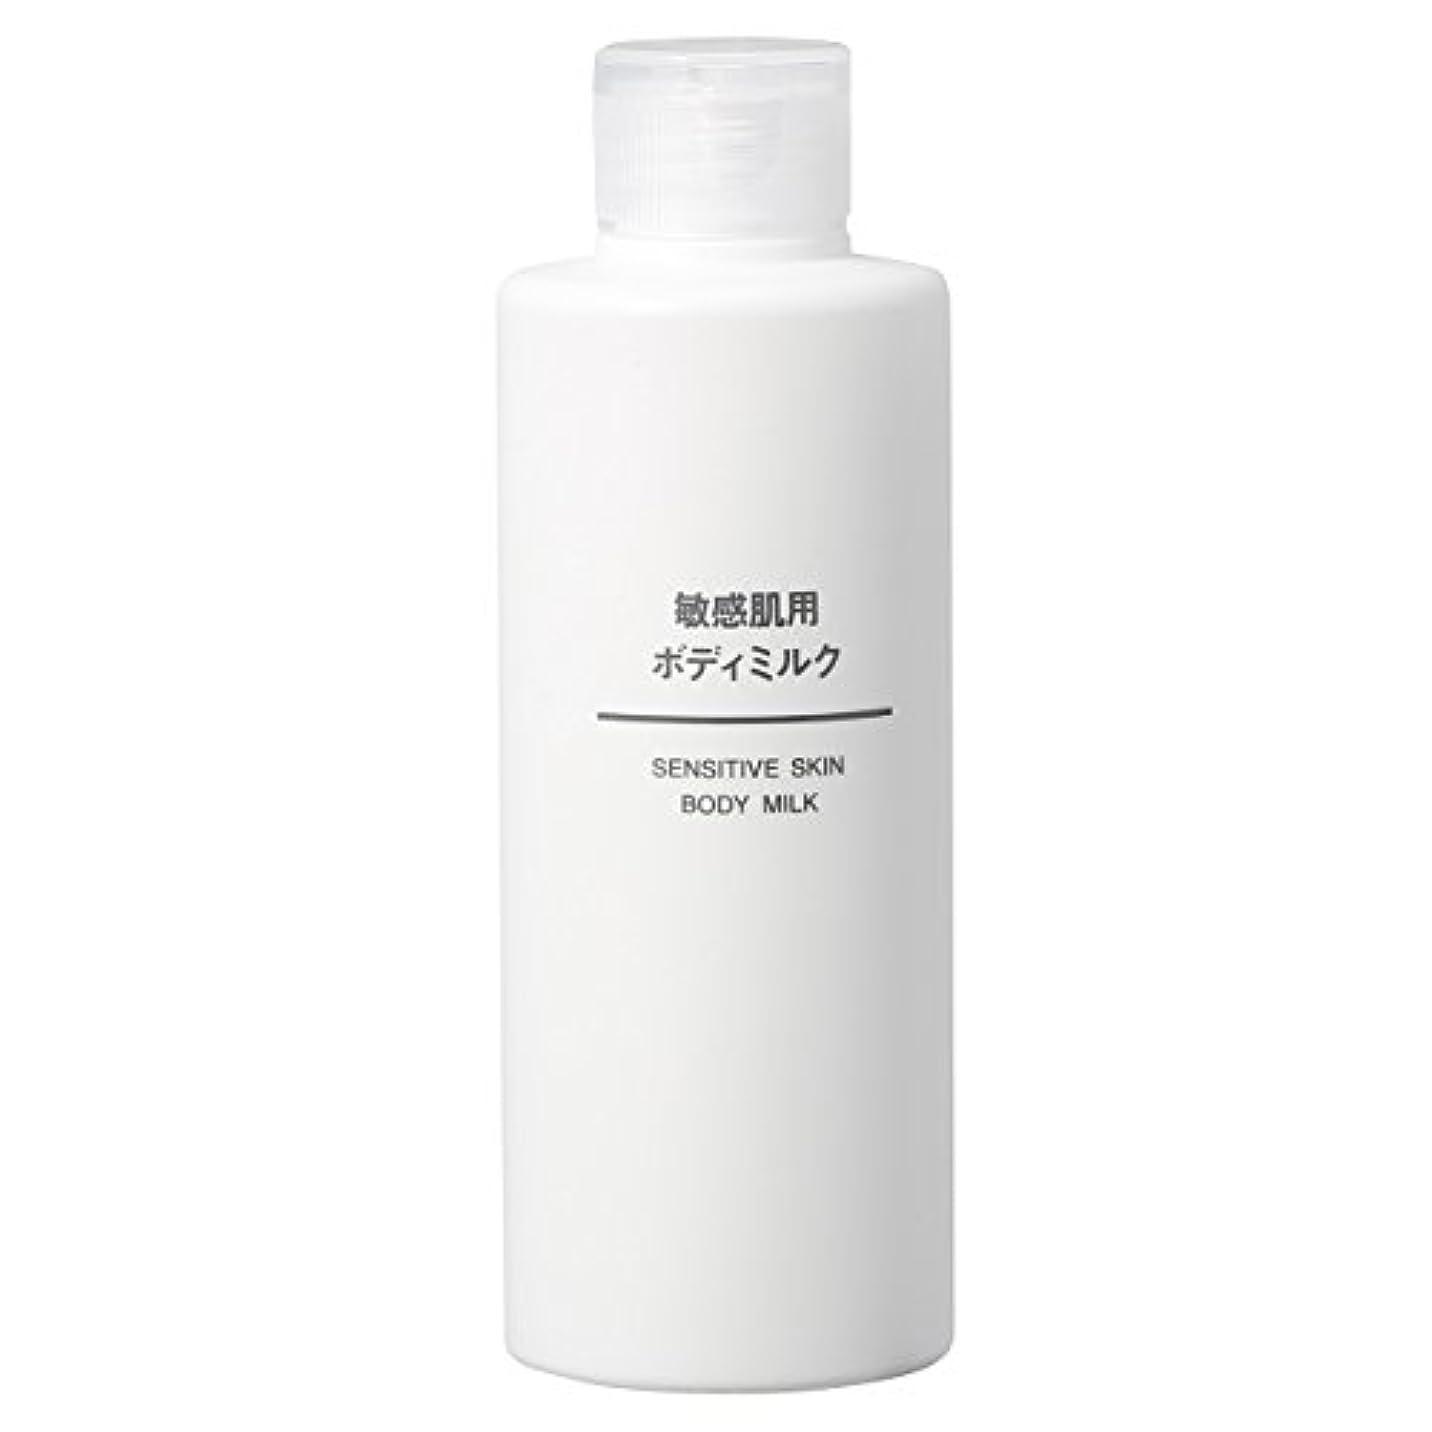 成分匹敵しますセメント無印良品 敏感肌用 ボディミルク 200ml 日本製